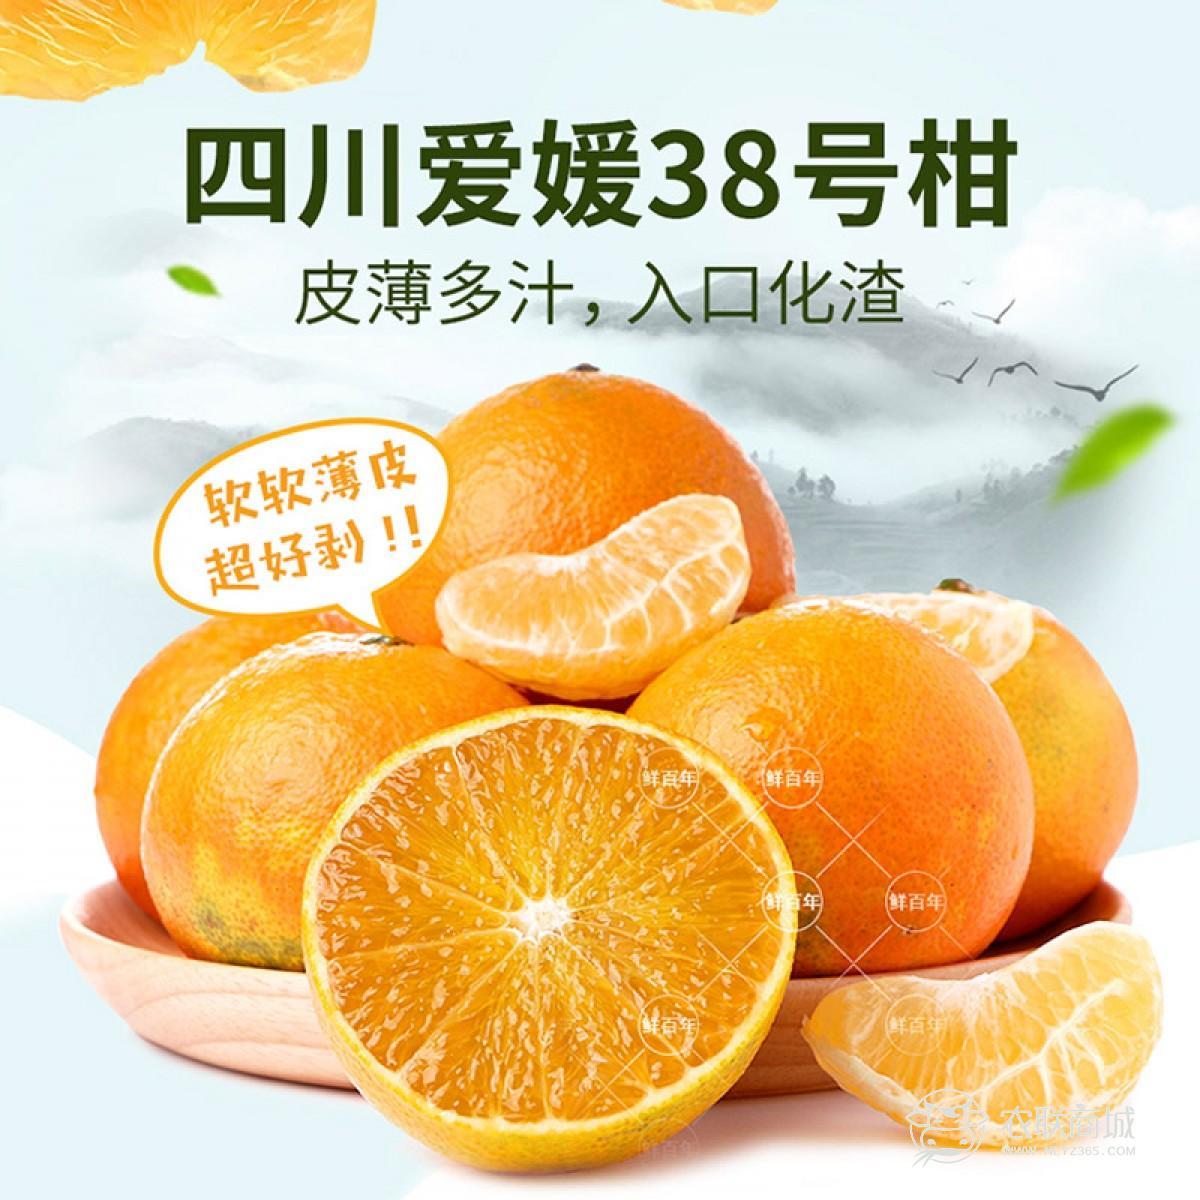 四川爱媛38果冻橙 5斤装中果 13颗-16颗